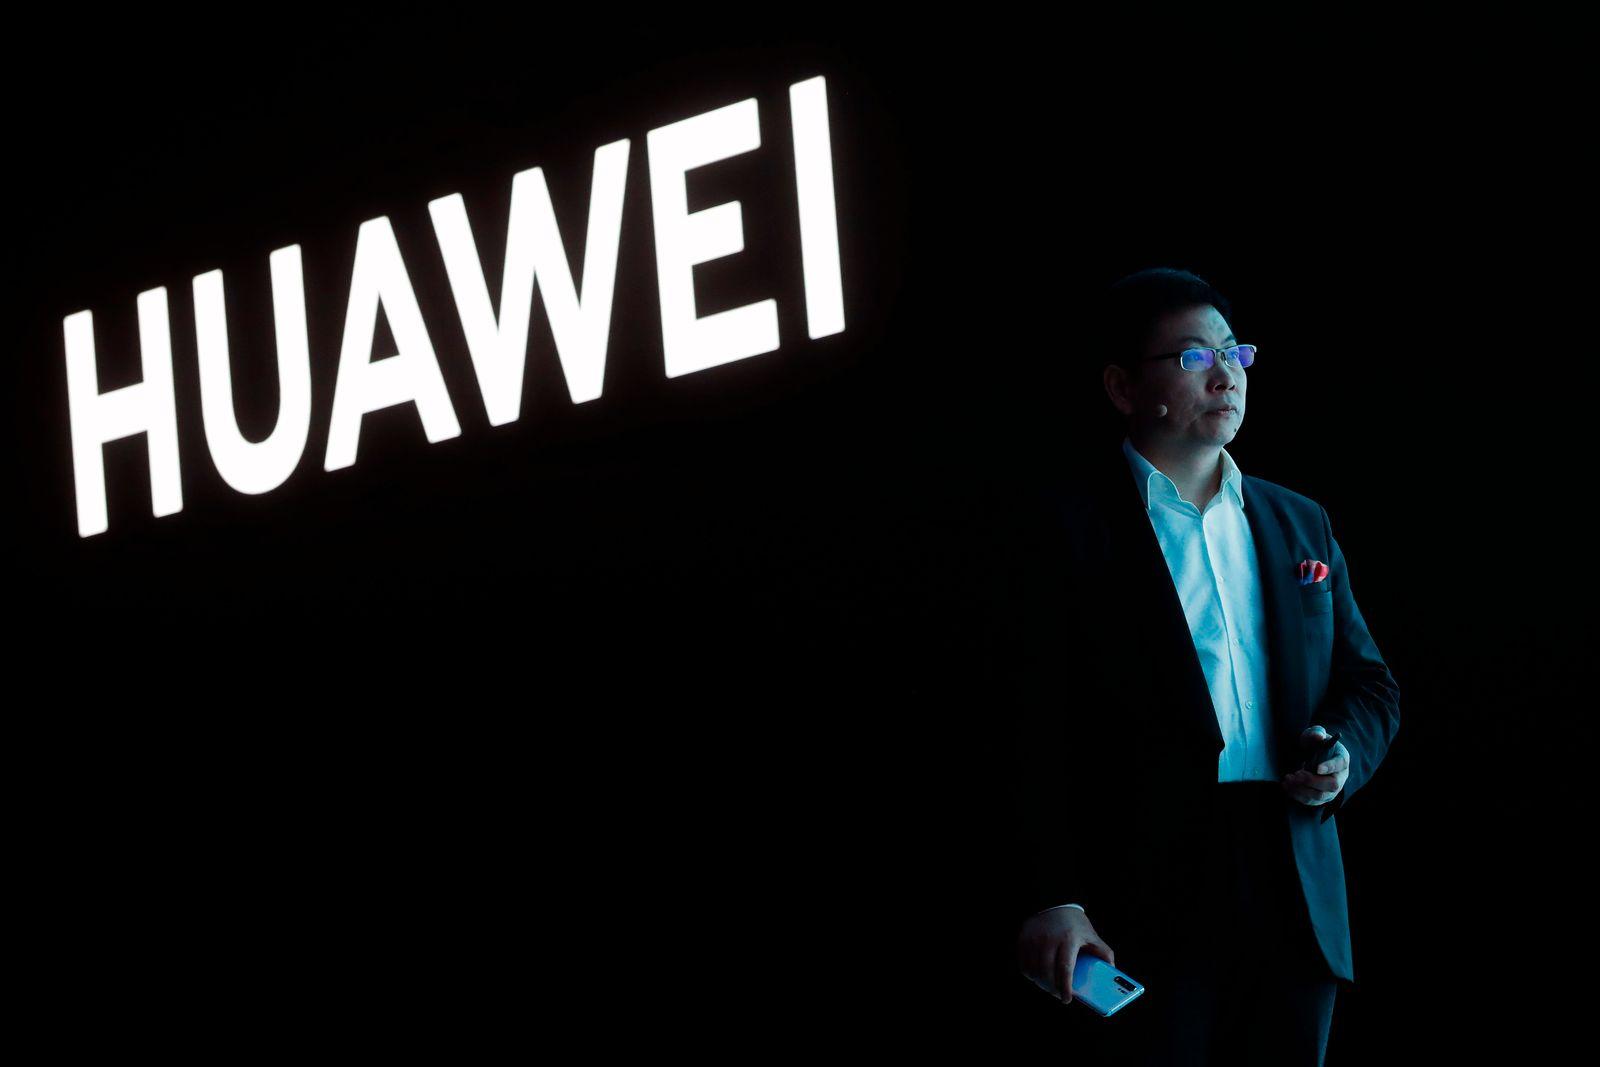 France Huawei